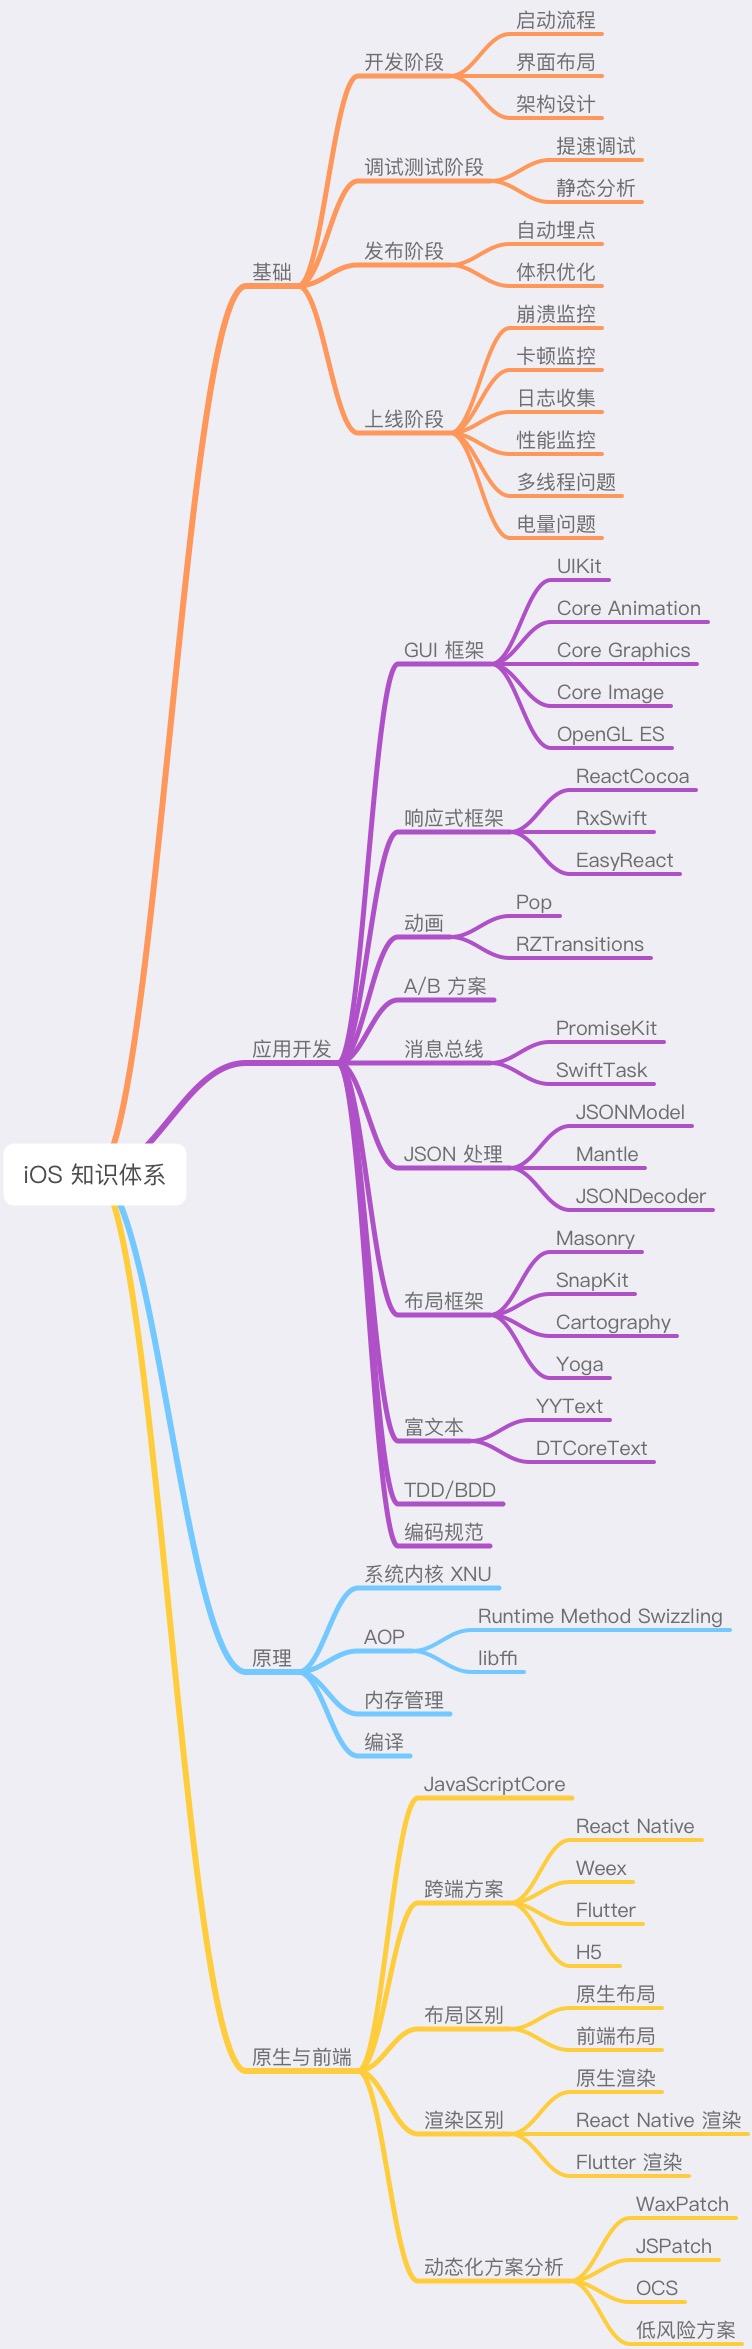 20190319-iOS知识体系.JPG